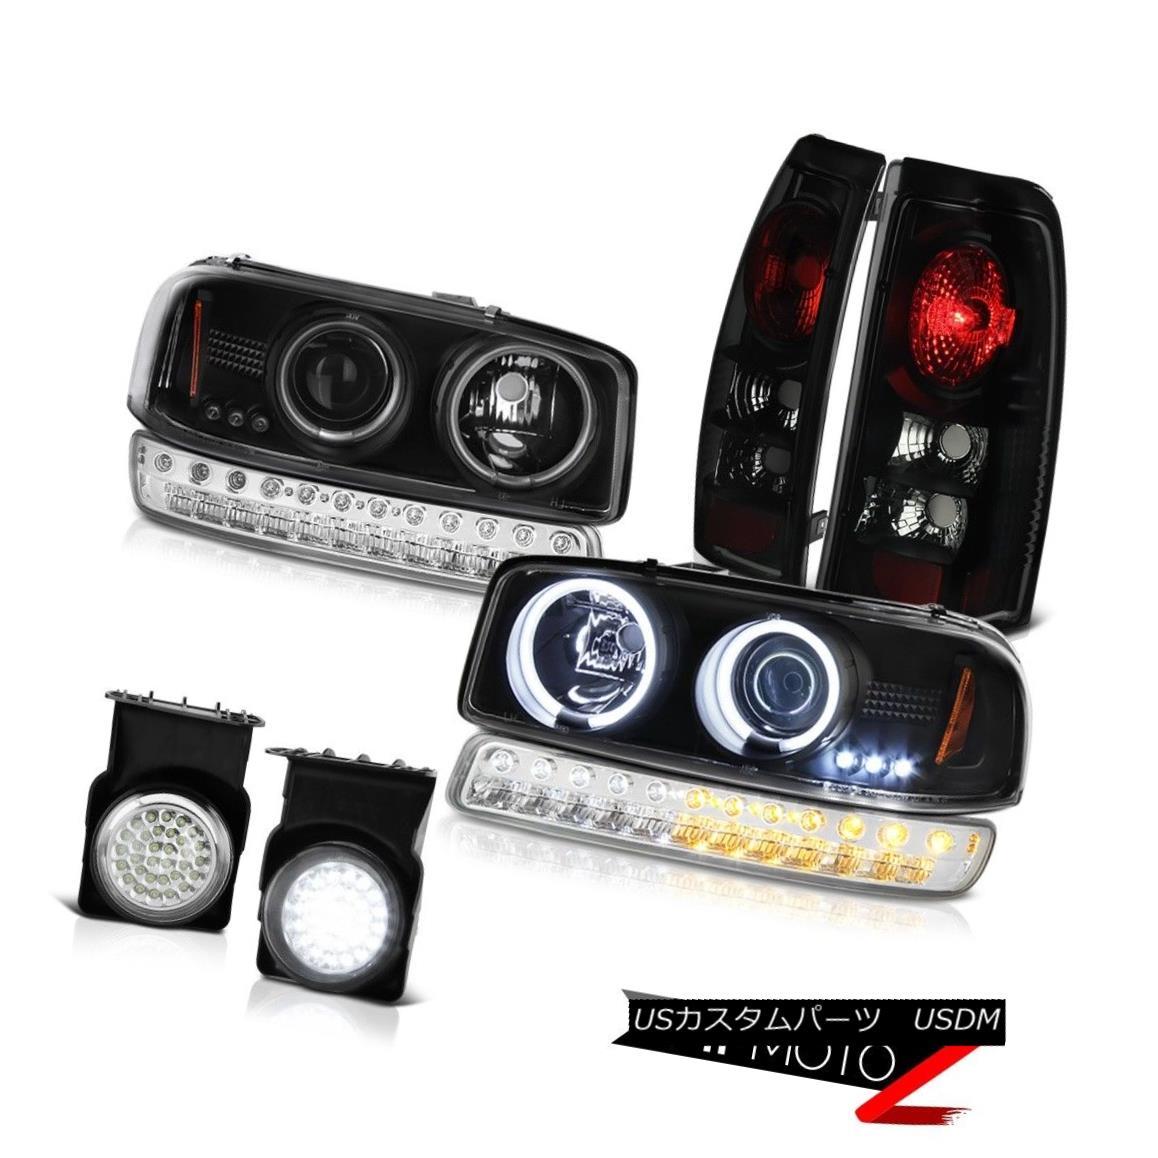 テールライト 03-06 Sierra 5.3L Chrome Foglights Taillights Signal Light Black CCFL Headlights 03-06シエラ5.3Lクロムフォグライトテールライト信号ライトブラックCCFLヘッドライト